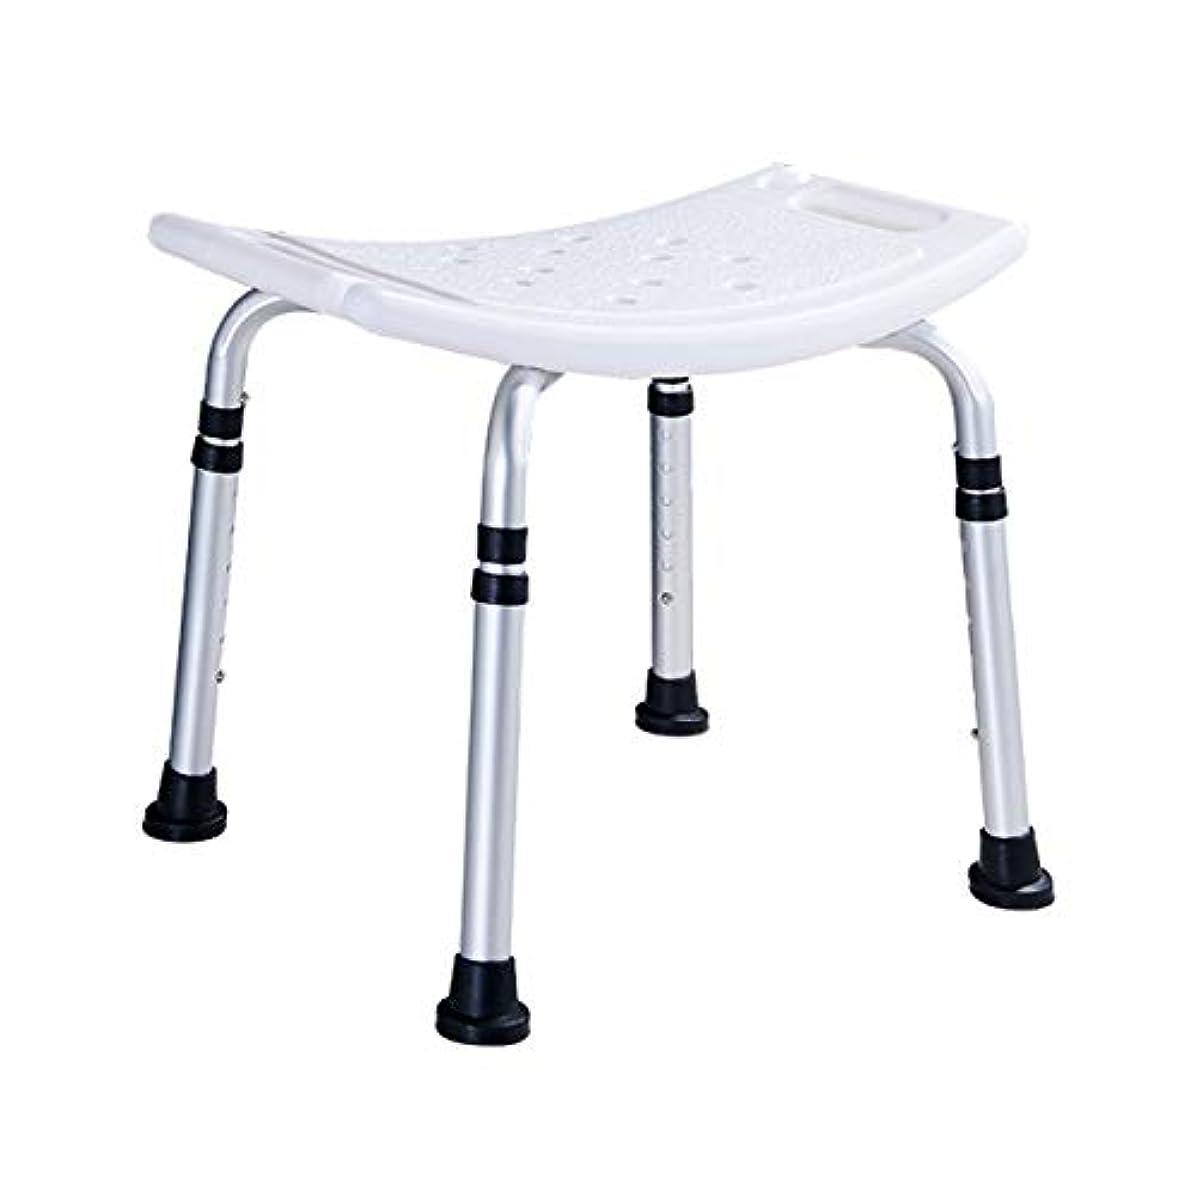 君主シガレット請負業者浴槽/シャワーチェア、高さ調節可能な脚付きバスルームシート、エルゴノミックスツール排水管スリップ成人/高齢者/身体障害者